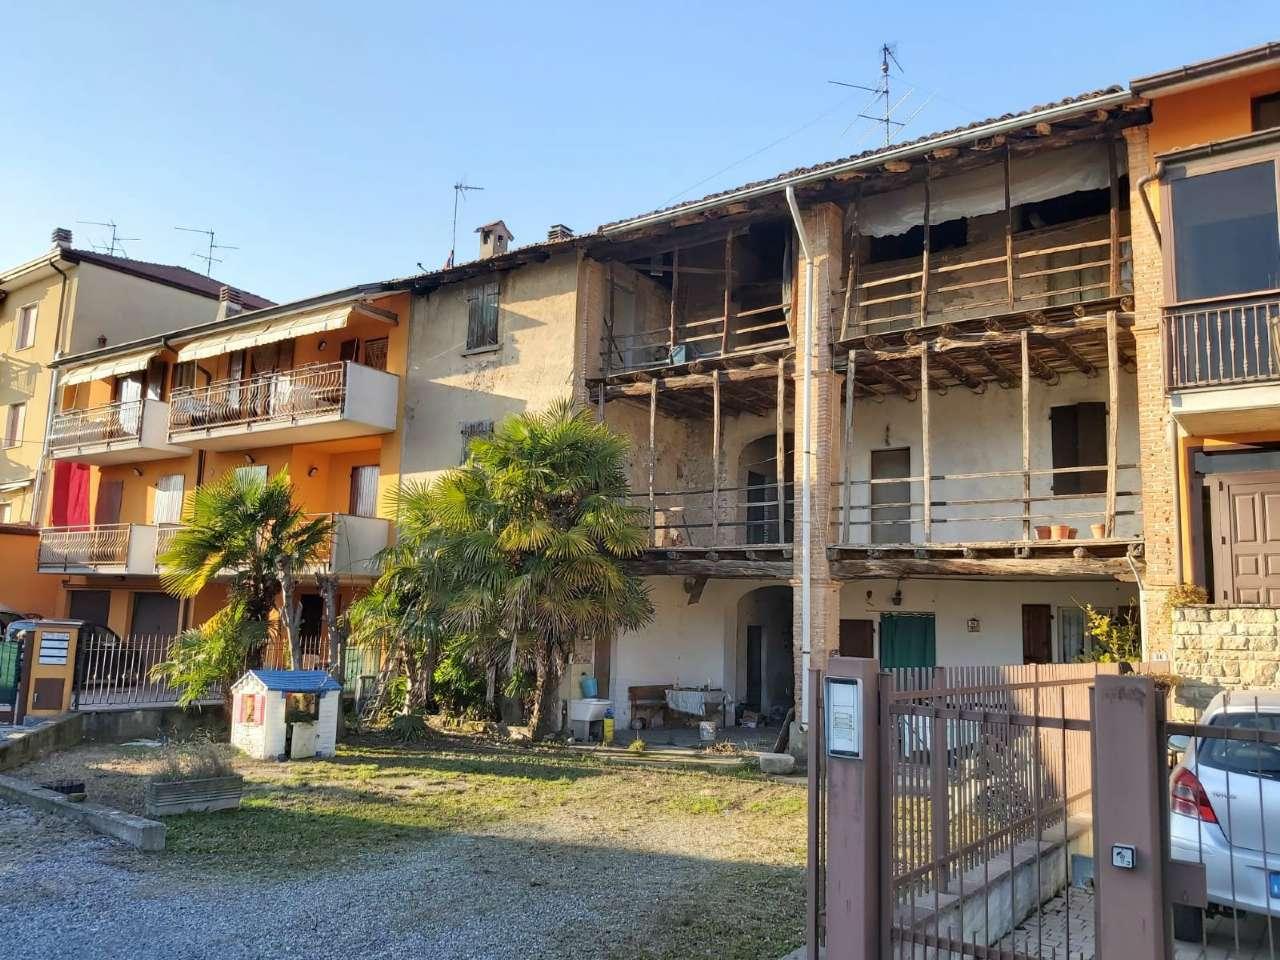 Rustico / Casale in vendita a Calusco d'Adda, 7 locali, prezzo € 85.000 | PortaleAgenzieImmobiliari.it